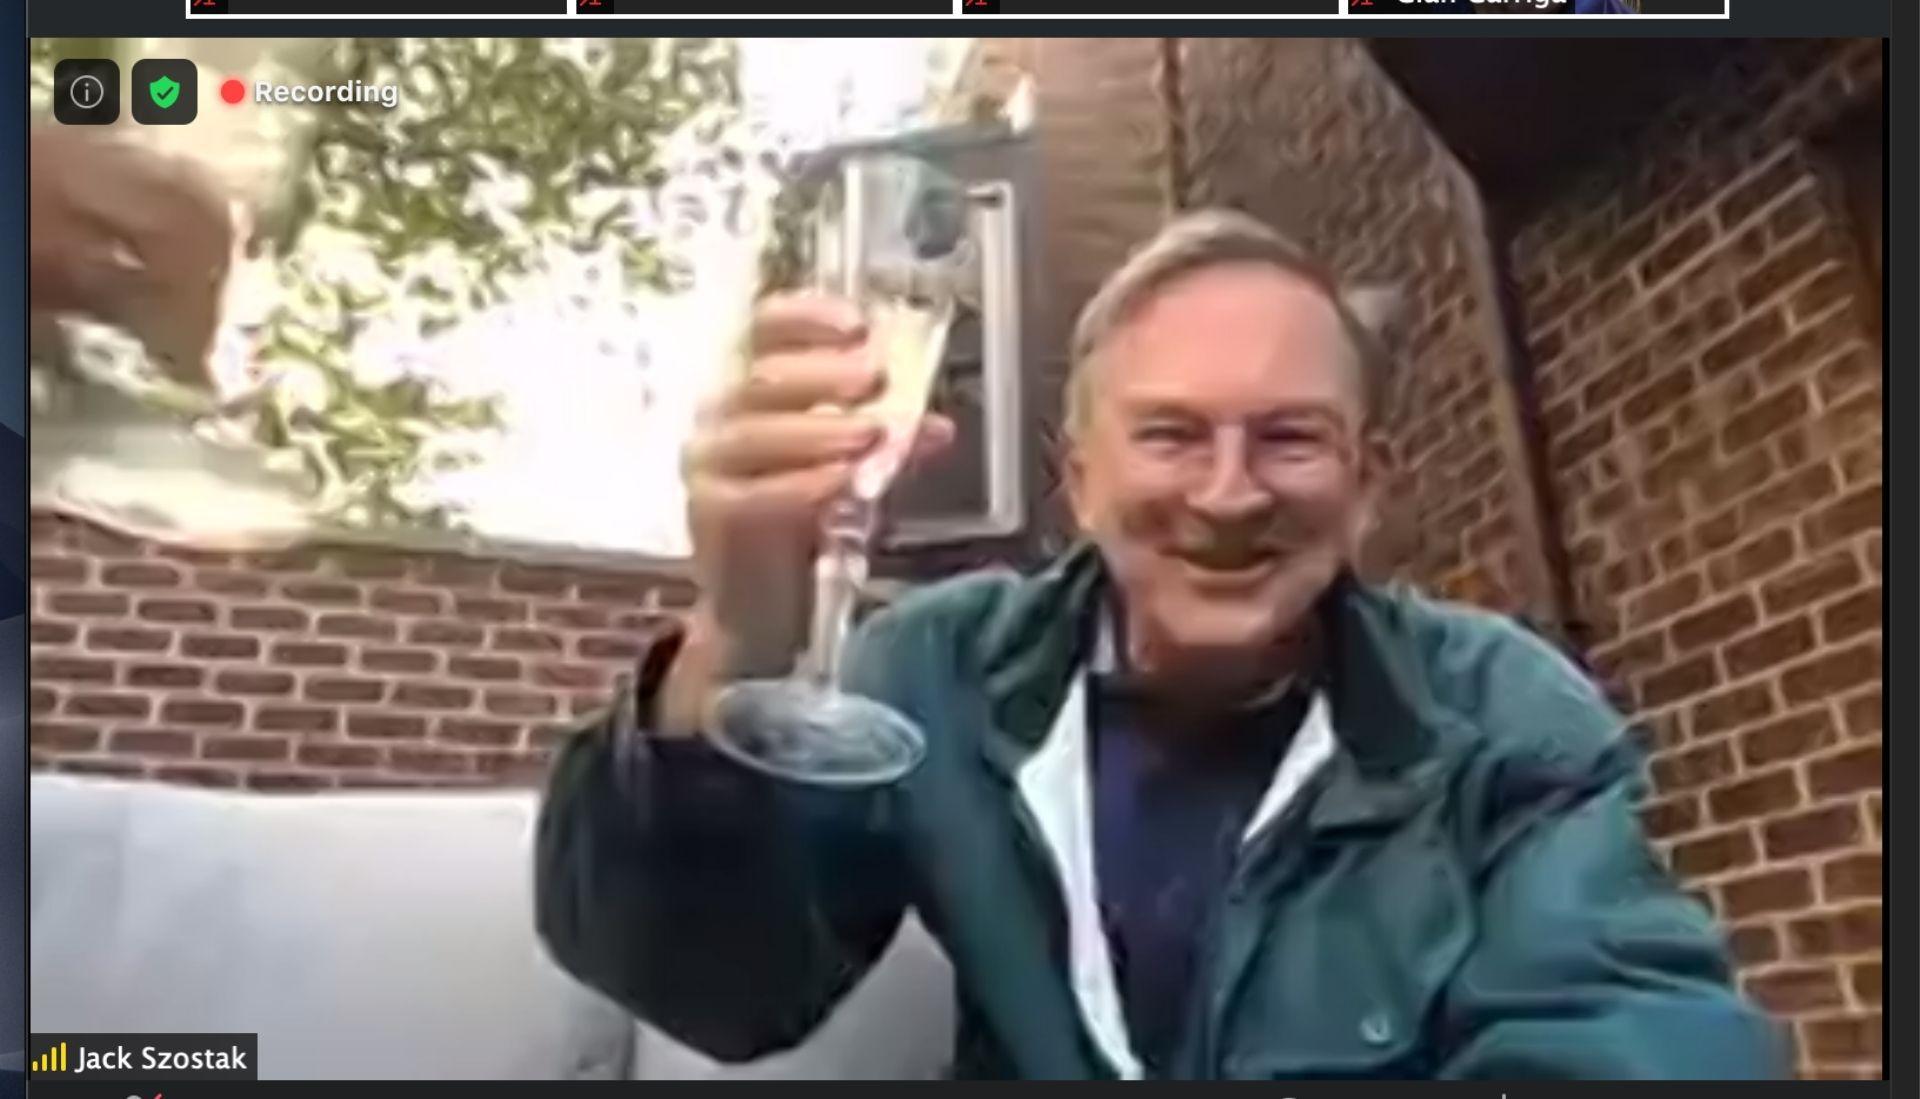 Jack Szostak toasts Doudna at Nobel celebration